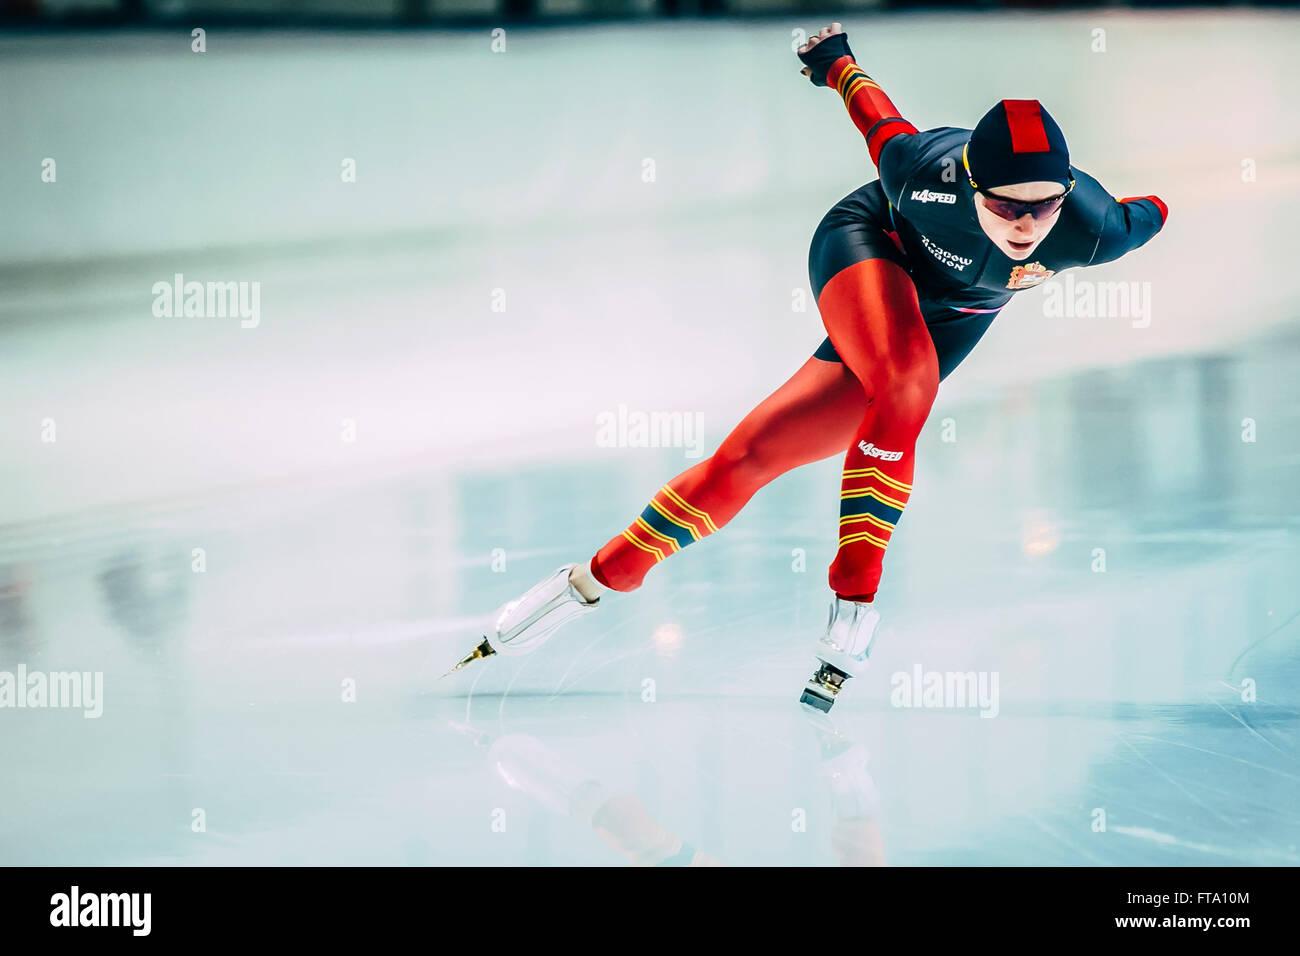 Chelyabinsk, Rusia - Octubre 15, 2015: la atleta femenina patinadores de velocidad vía se ejecuta durante la Imagen De Stock